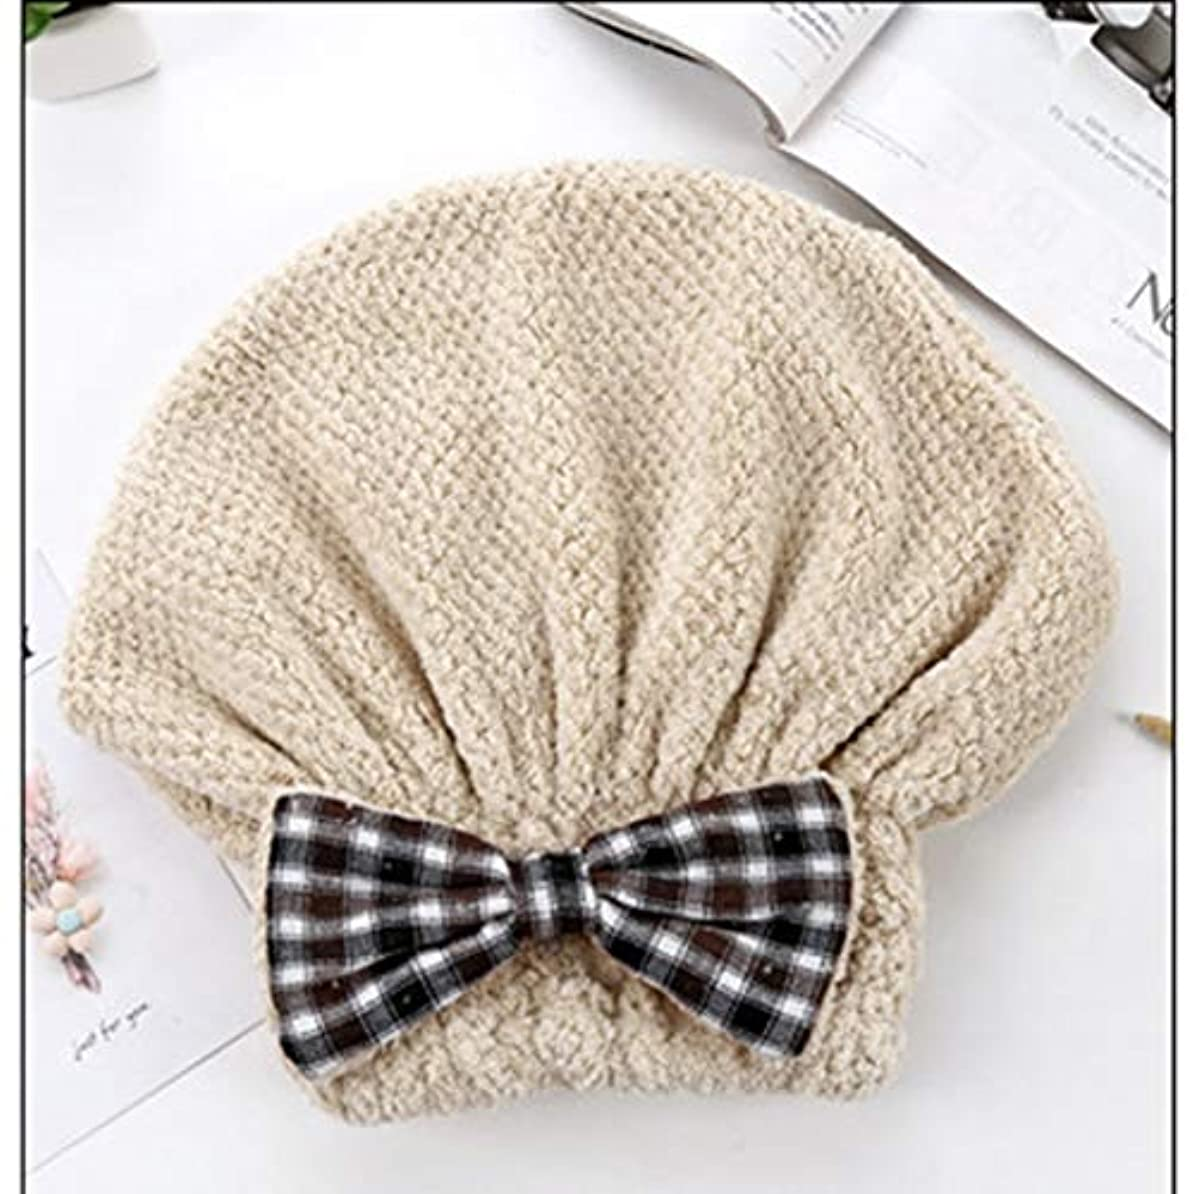 ヒギンズ過去カーフSwiftgood ヘアタオルラップ、ボタン付きヘアドライヤータオル、マイクロファイバーヘアタオル、乾いた髪の帽子、バスヘアキャップ